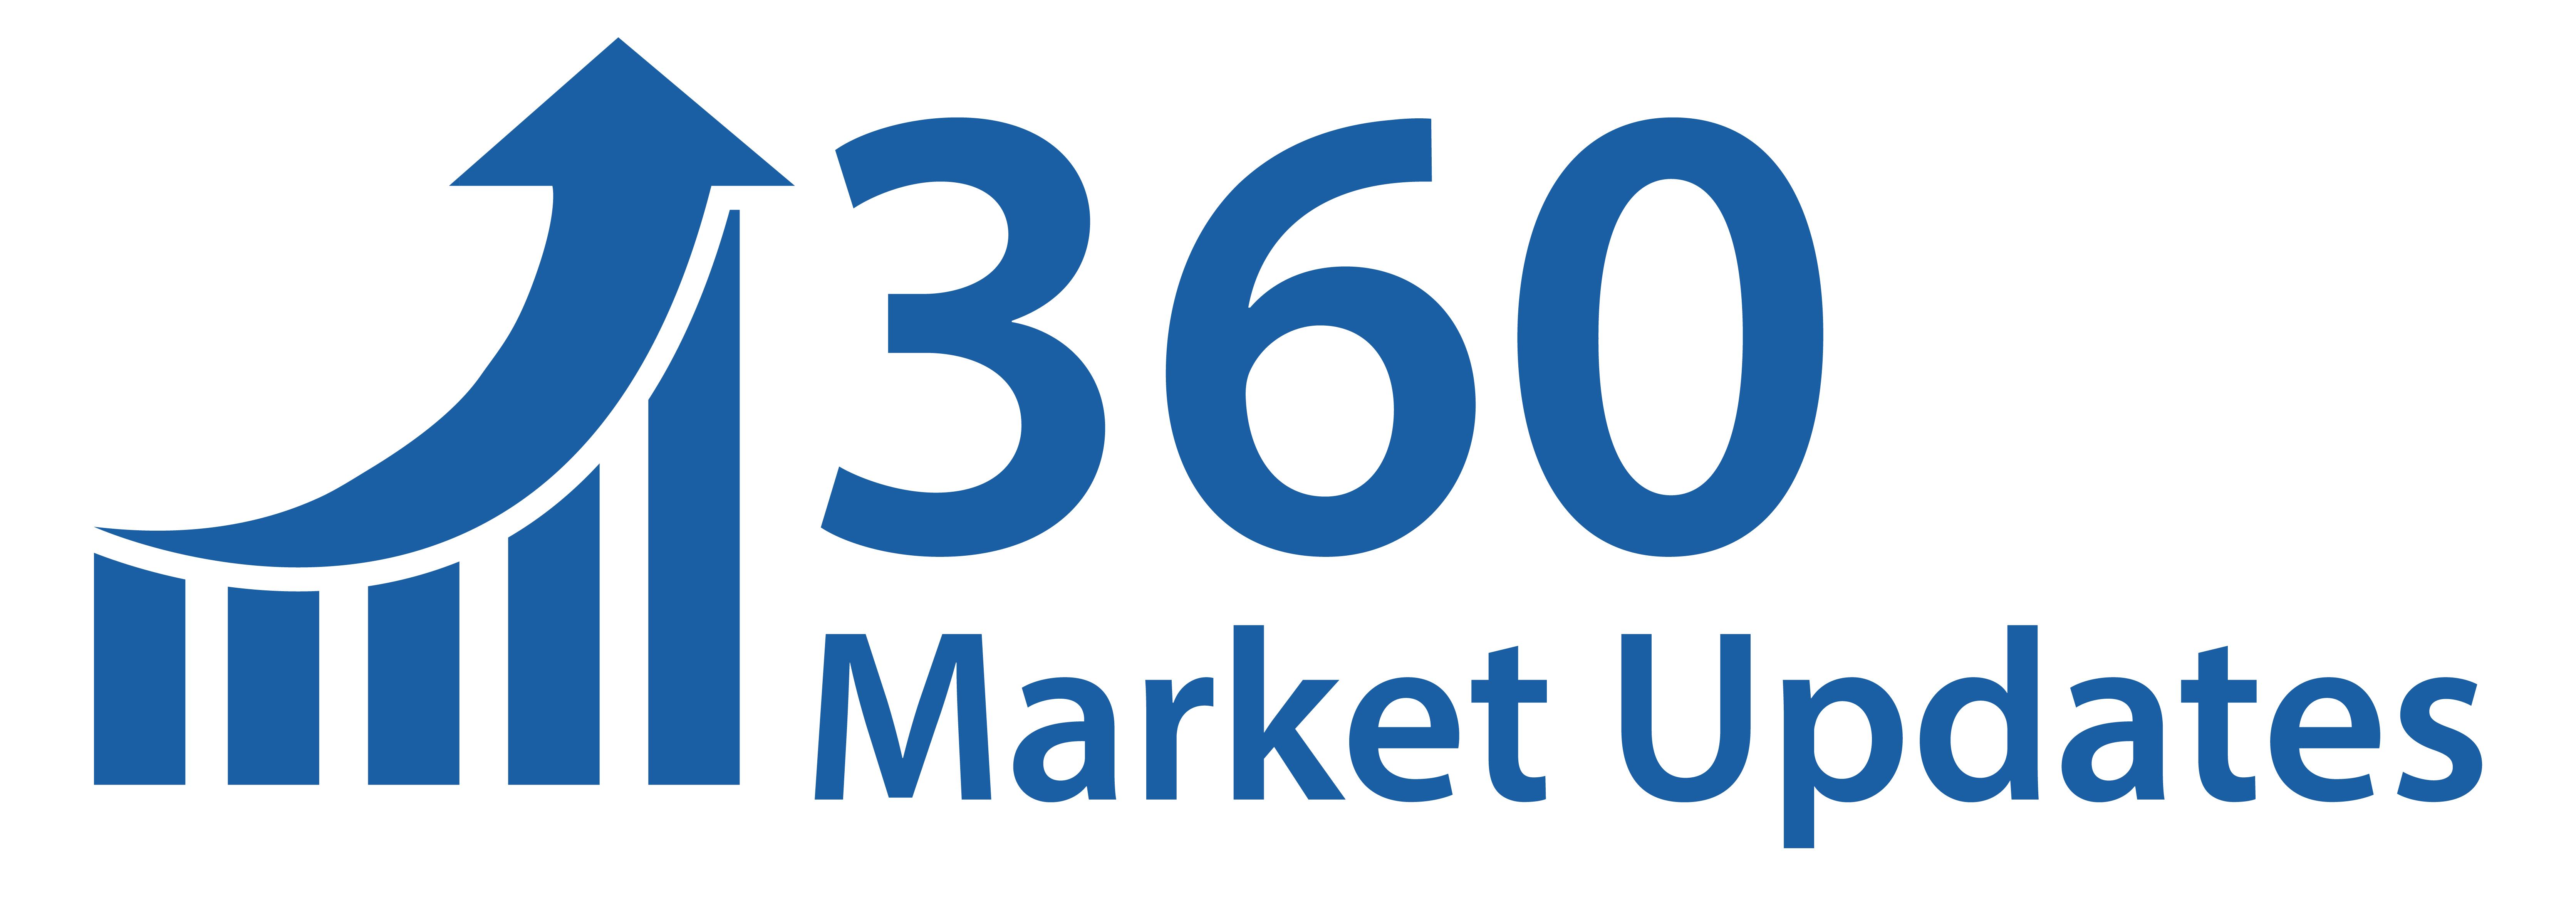 Automotive Clutch Actuator Markt im Bereich Autokomponenten,Auto Teile & Ausrüstung wächst mit einem CAGR von 8,84% im Zeitraum 2020-2023